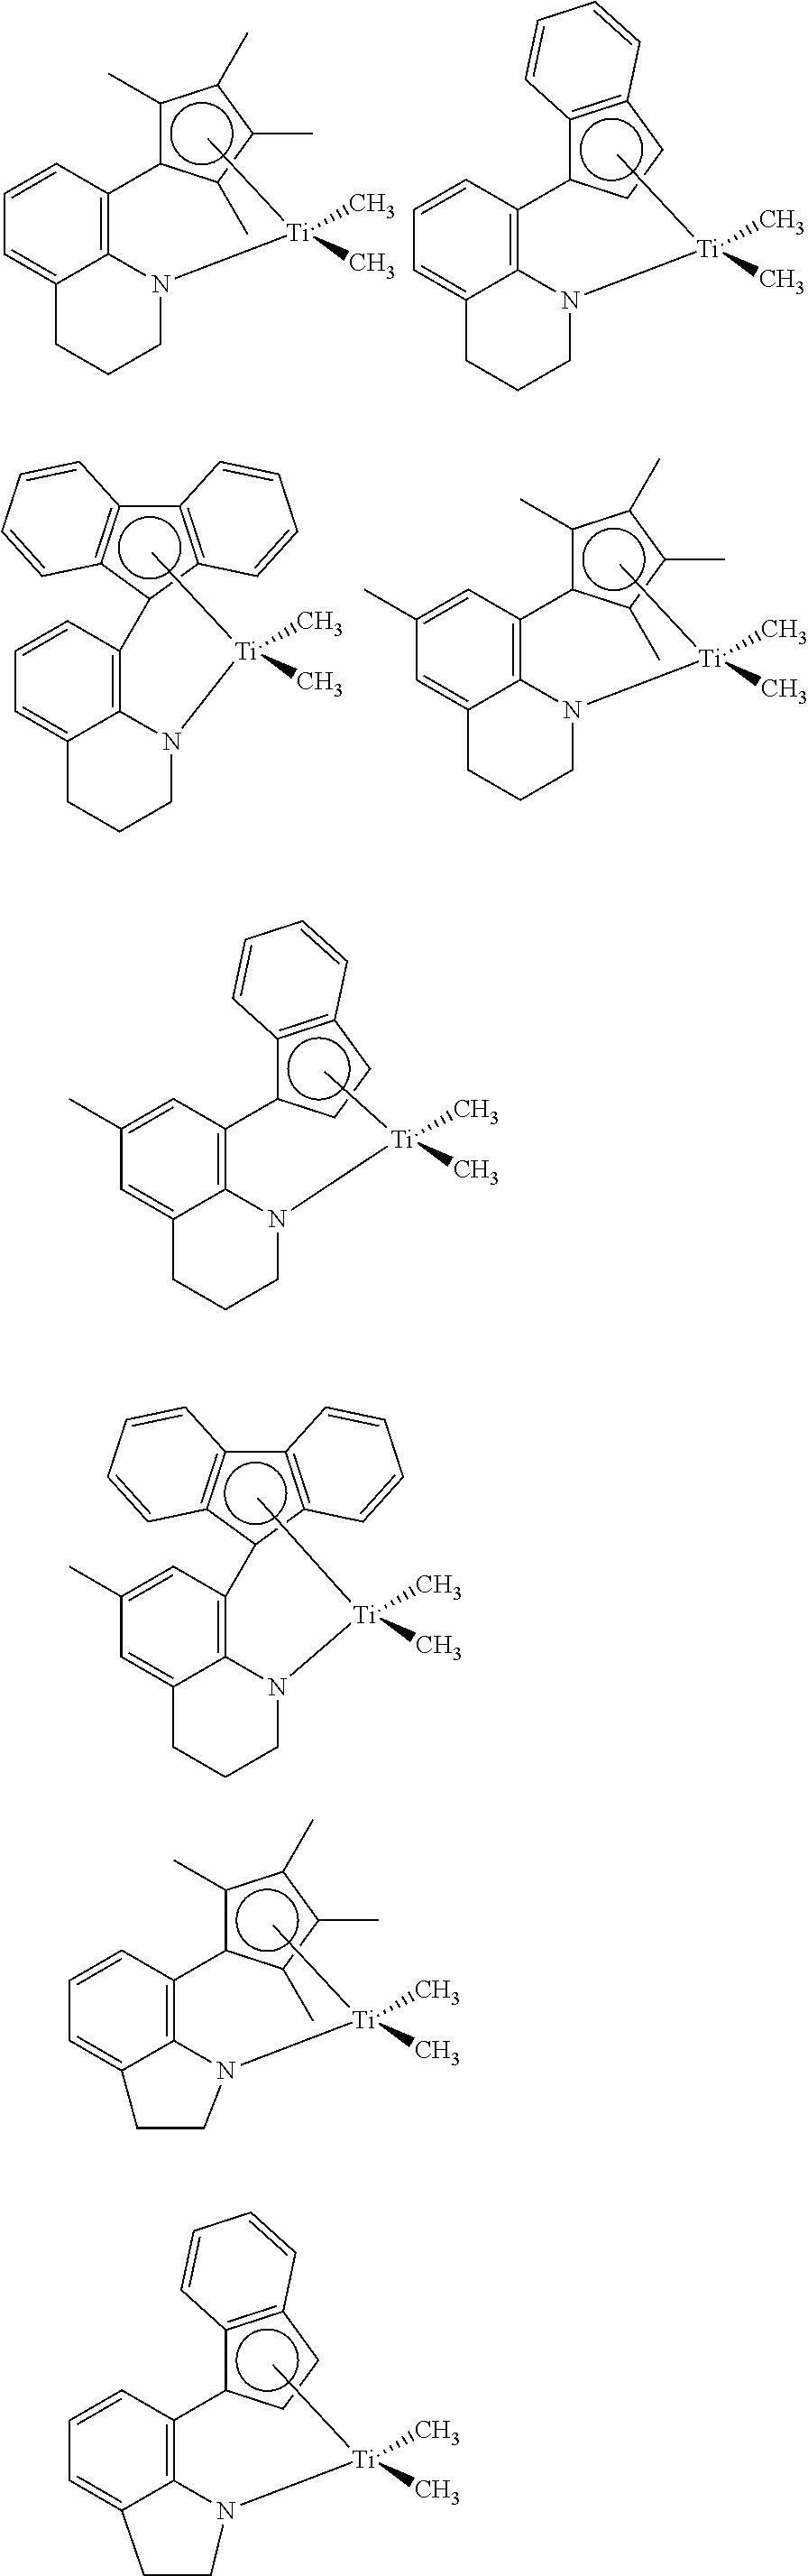 Figure US20110177935A1-20110721-C00017